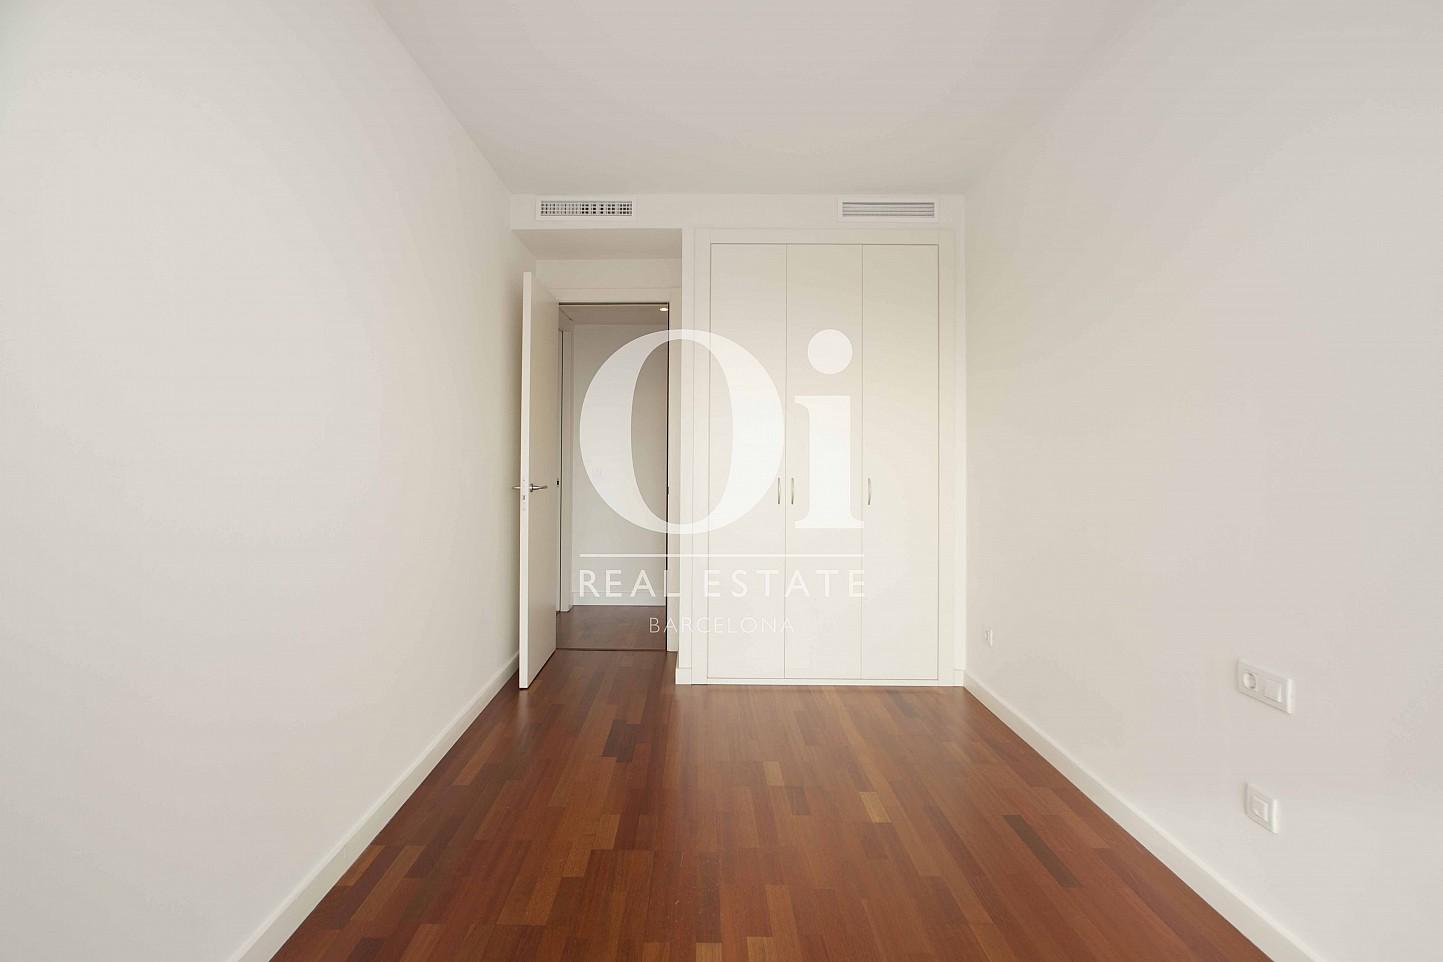 Dormitorio de piso en venta en zona Diagonal Mar, Barcelona